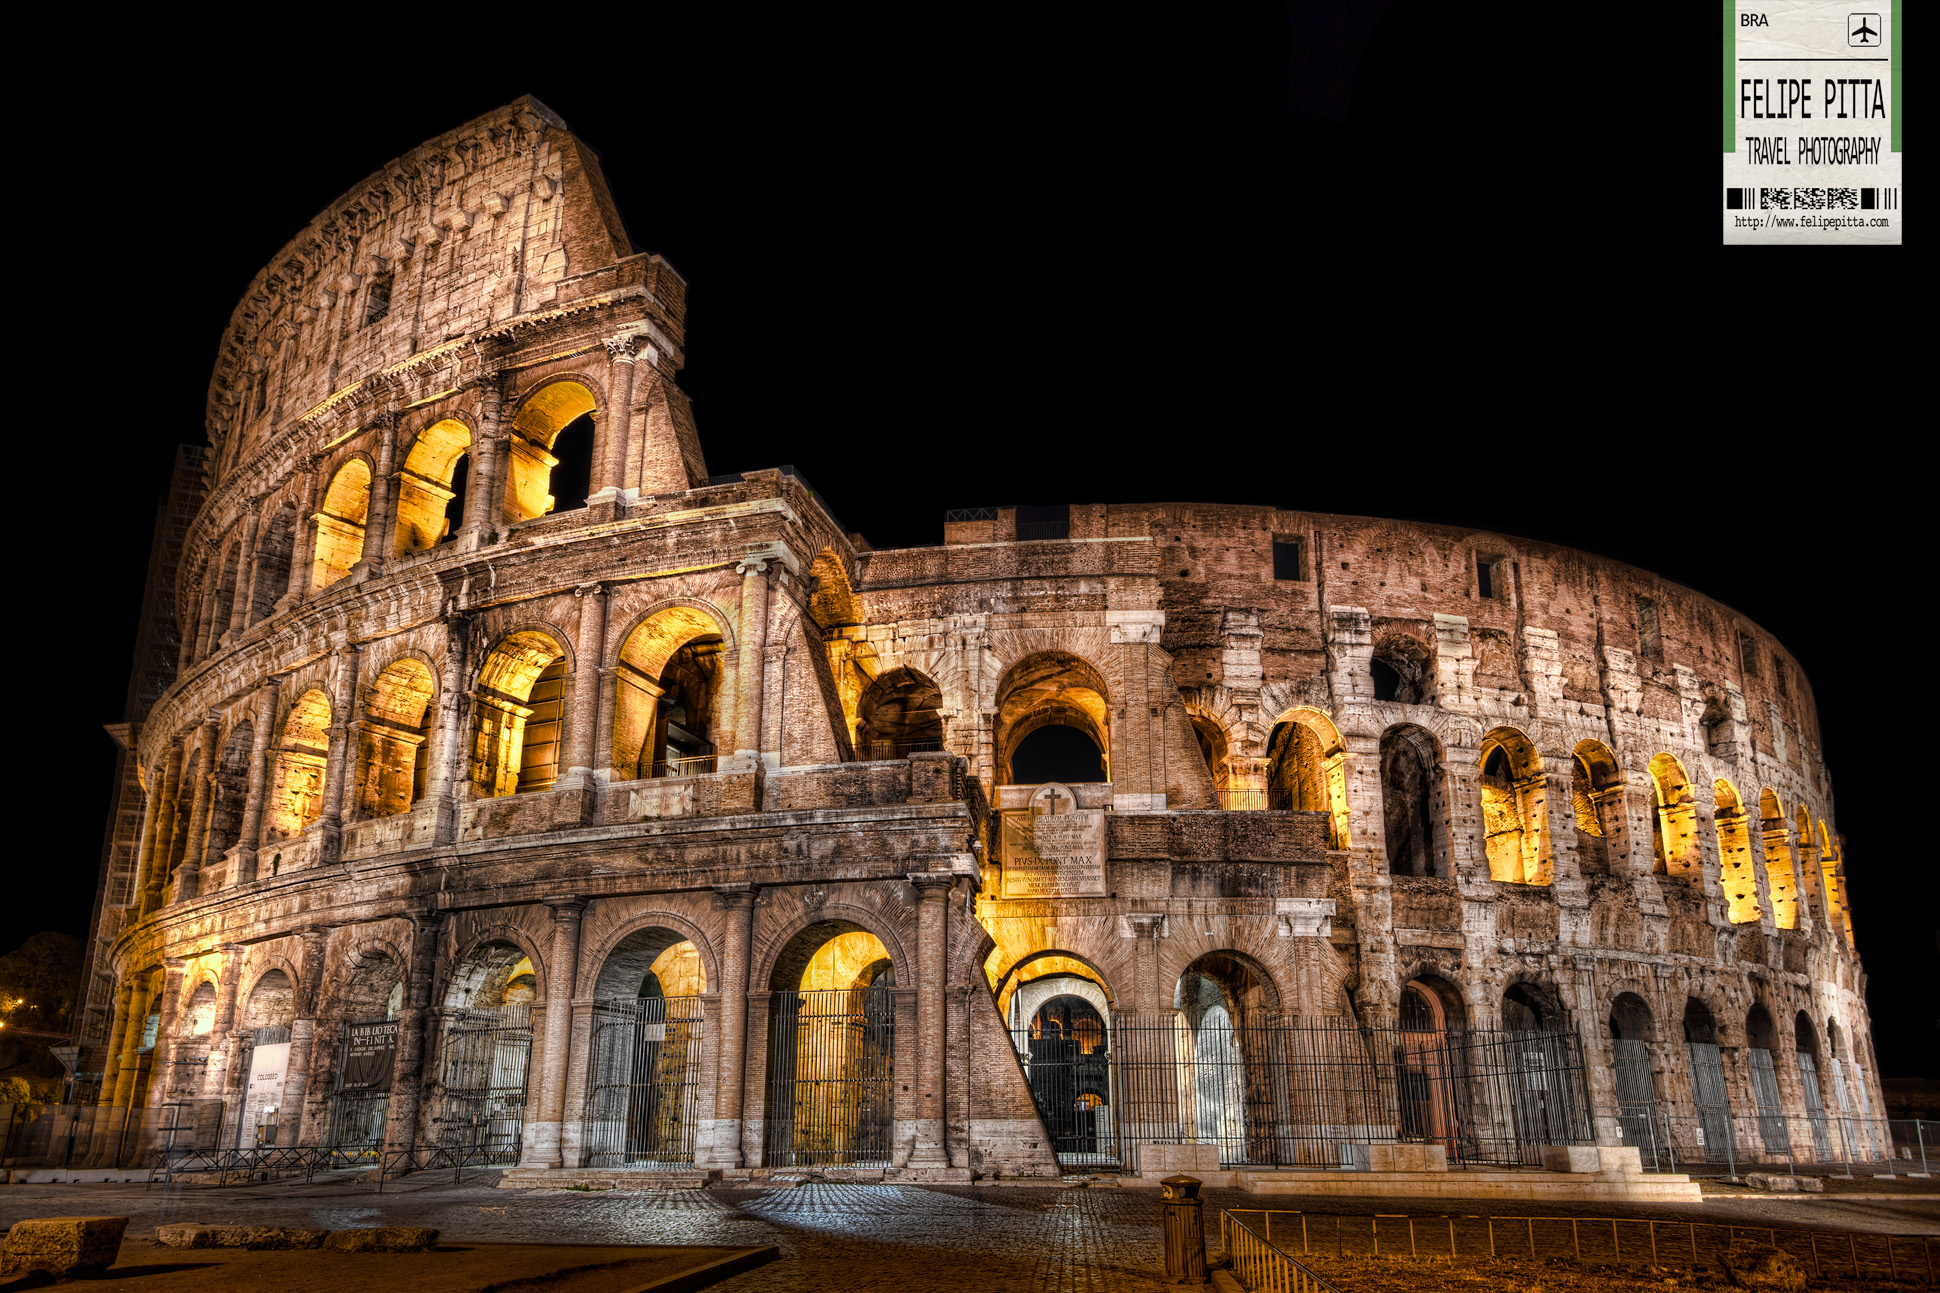 Flavian Amphitheatre Colosseum Rome Italy Night